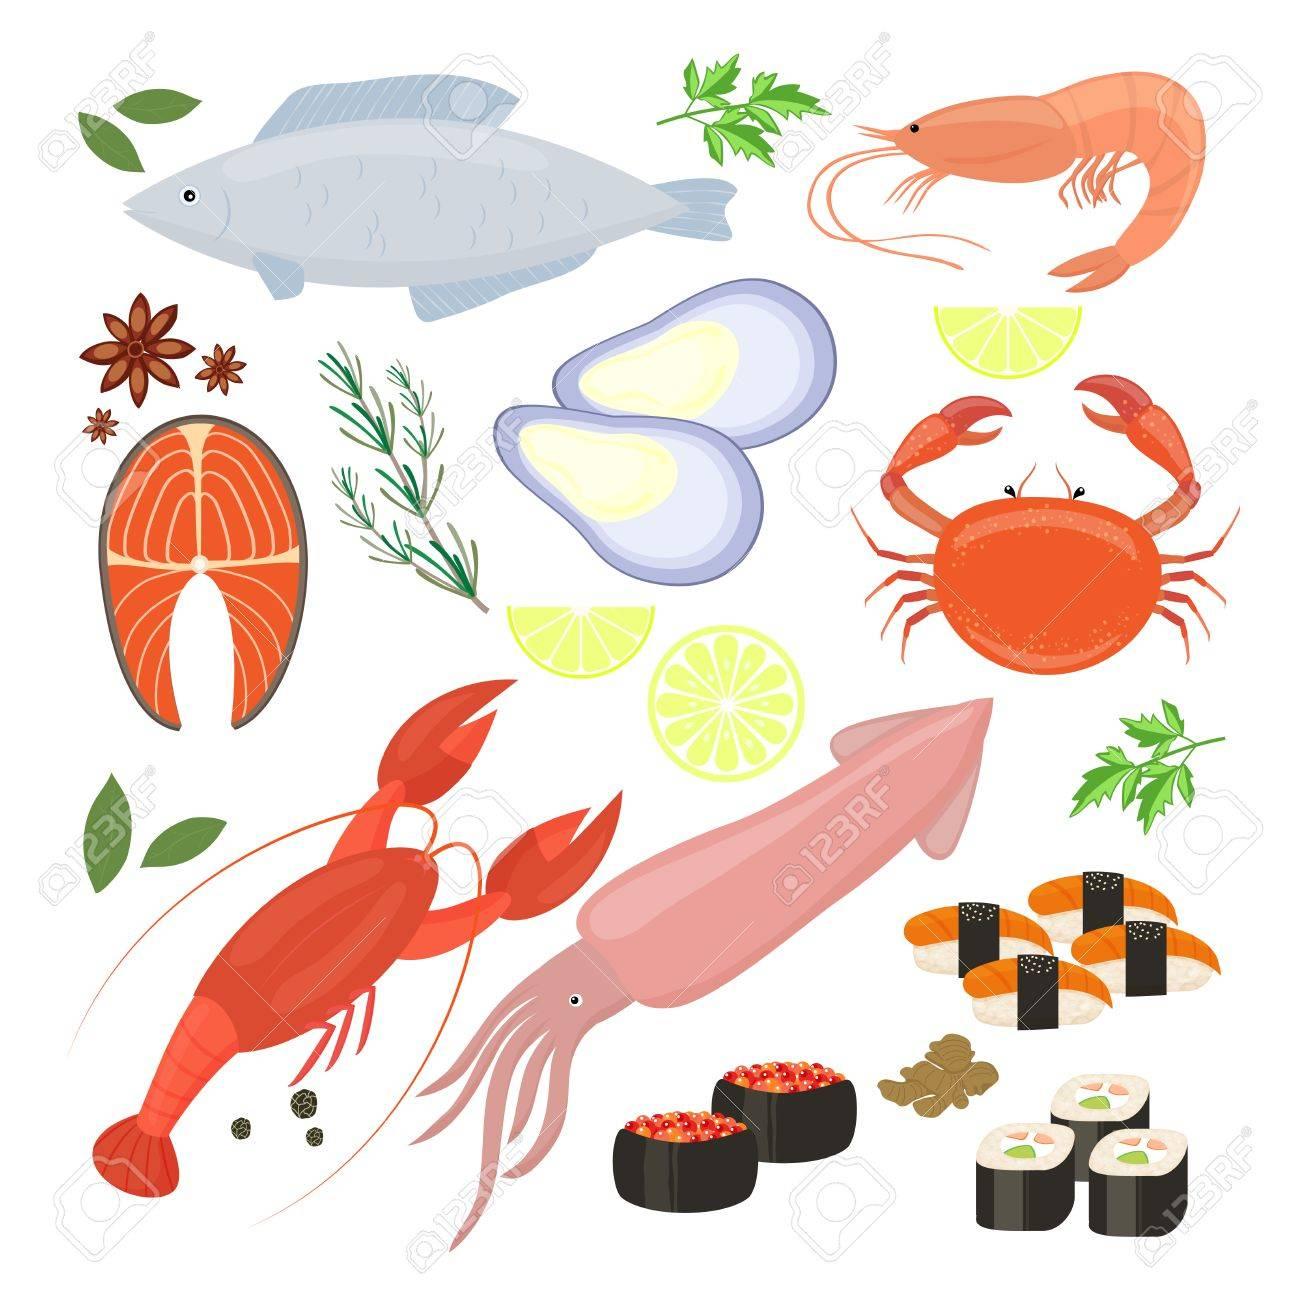 魚介類エビ寿司のアイコンの選択のイラスト素材ベクタ Image 32163106